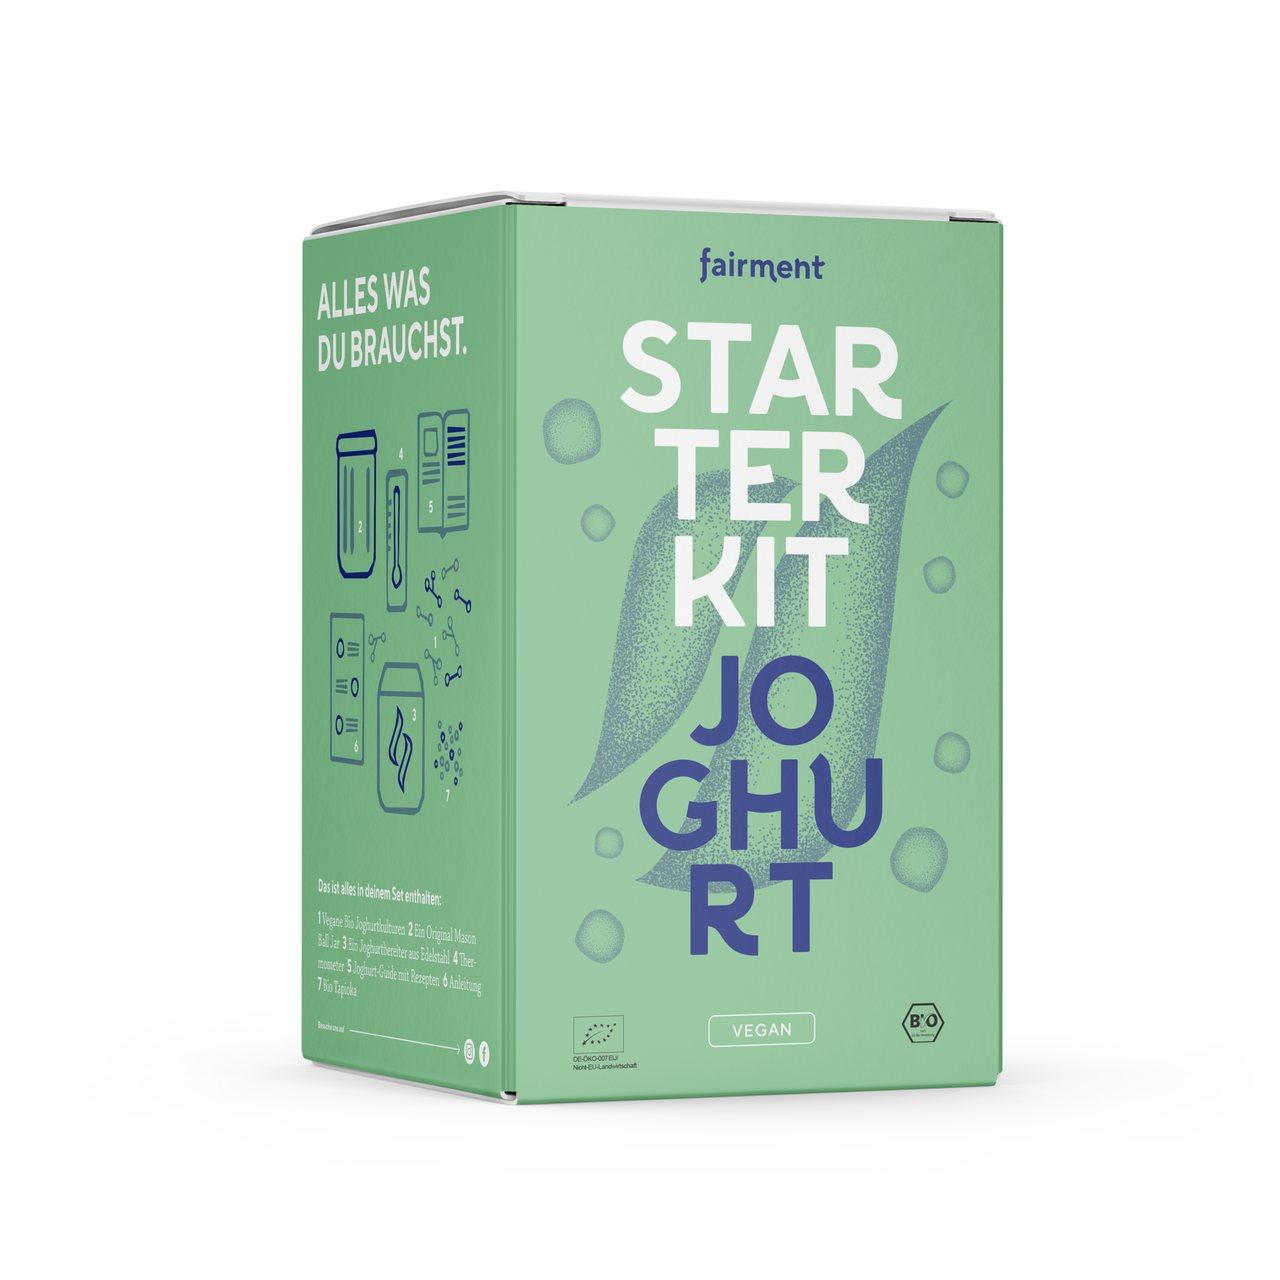 Veganer Joghurt Fairment Starter Kit